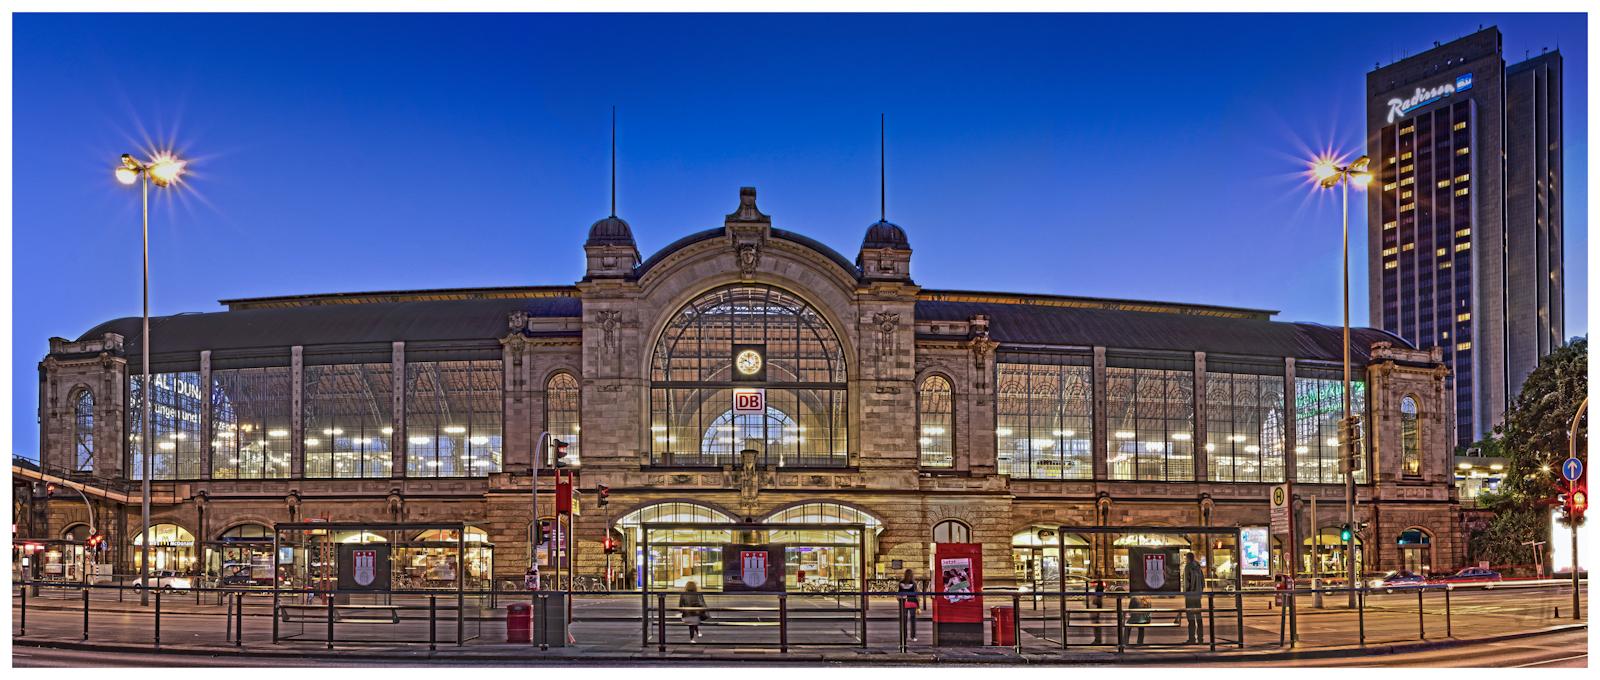 Hamburg Dammtor Bahnhof (HDR Panorama)